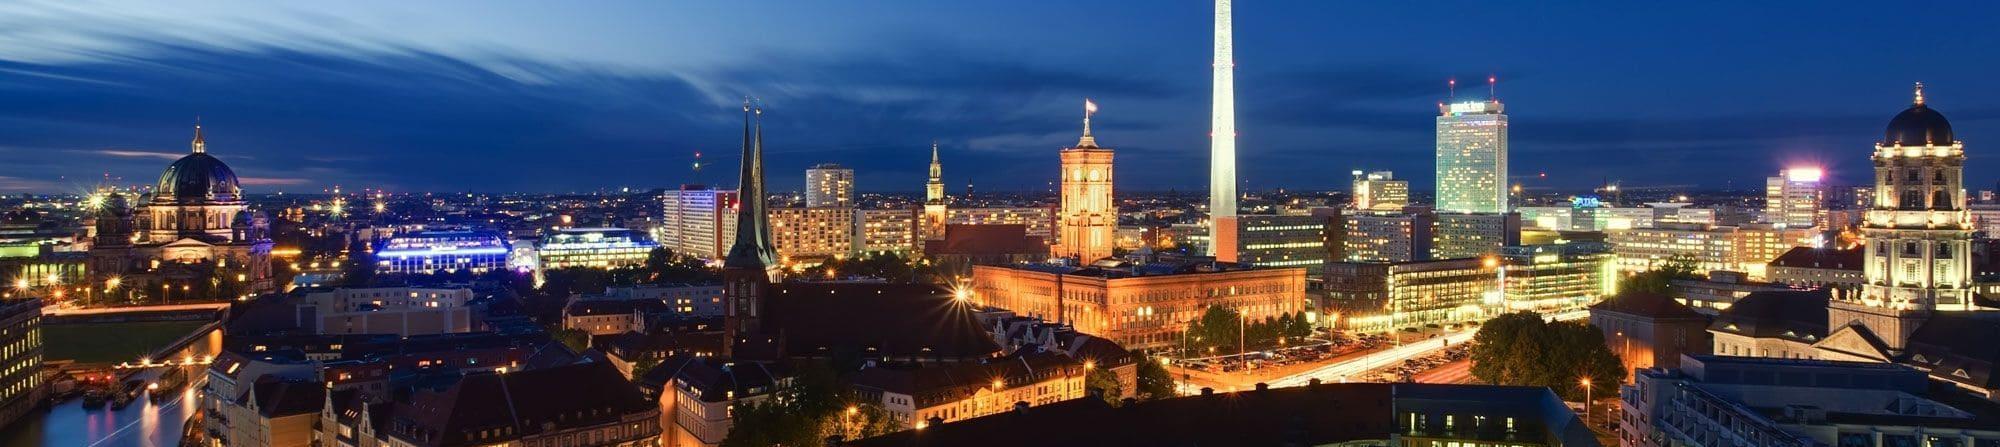 Nachrichten- und Informationstechnik in Dortmund